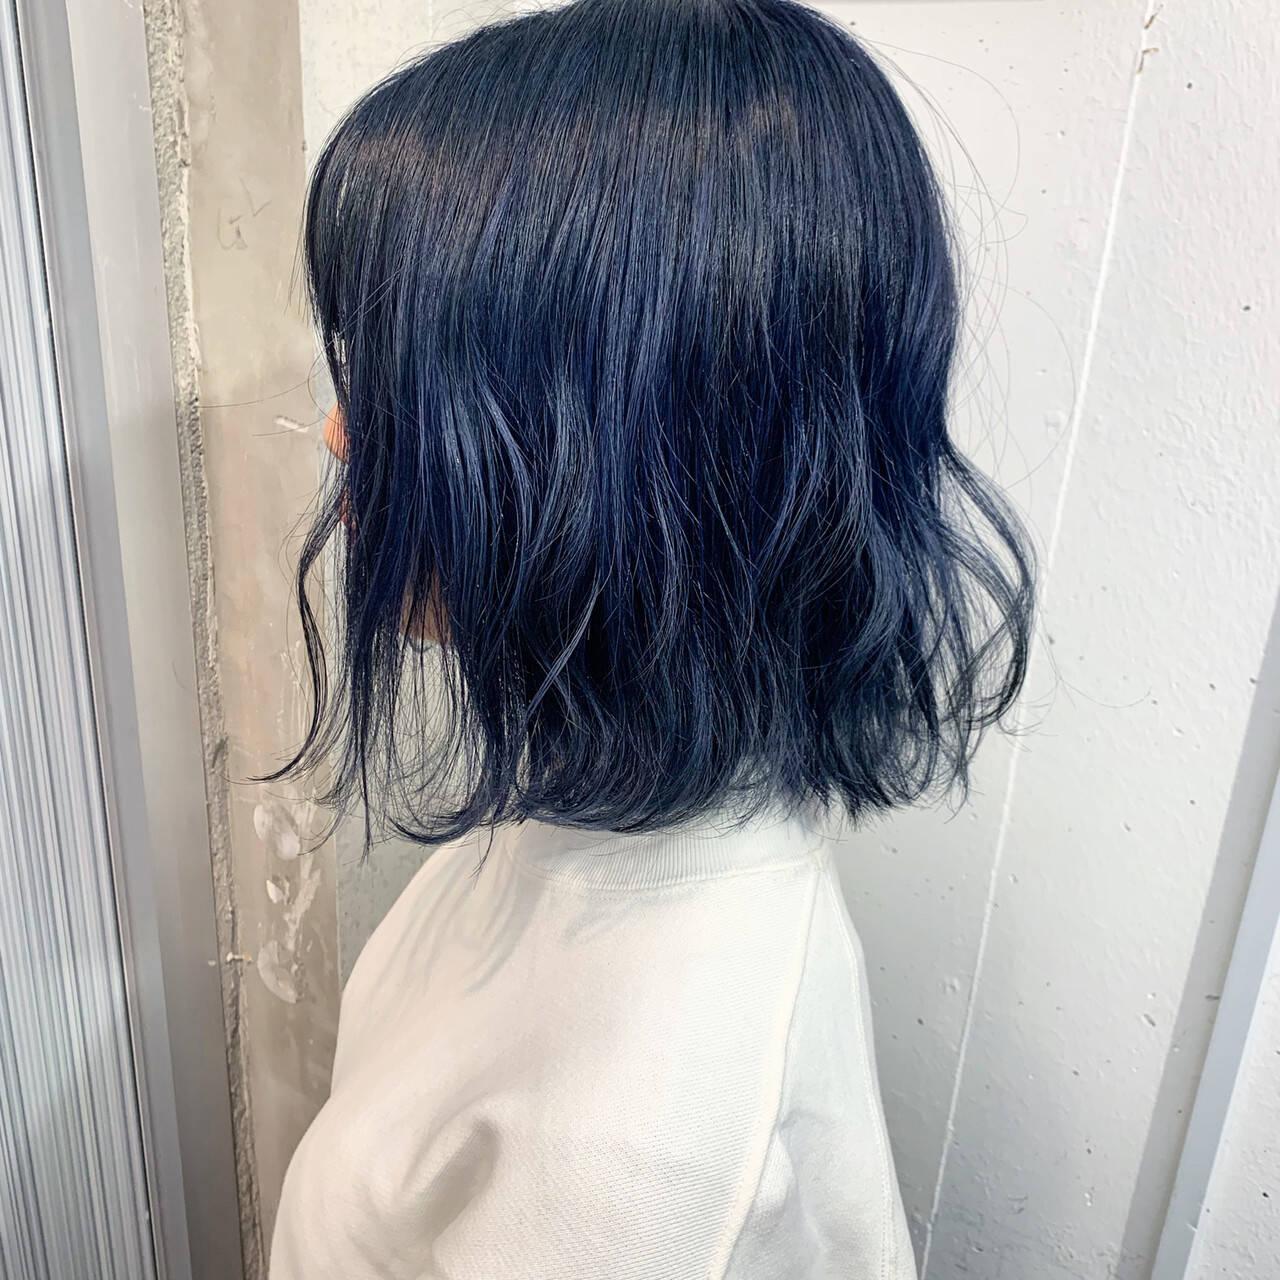 コリアンネイビー ダブルカラー ストリート ネイビーヘアスタイルや髪型の写真・画像